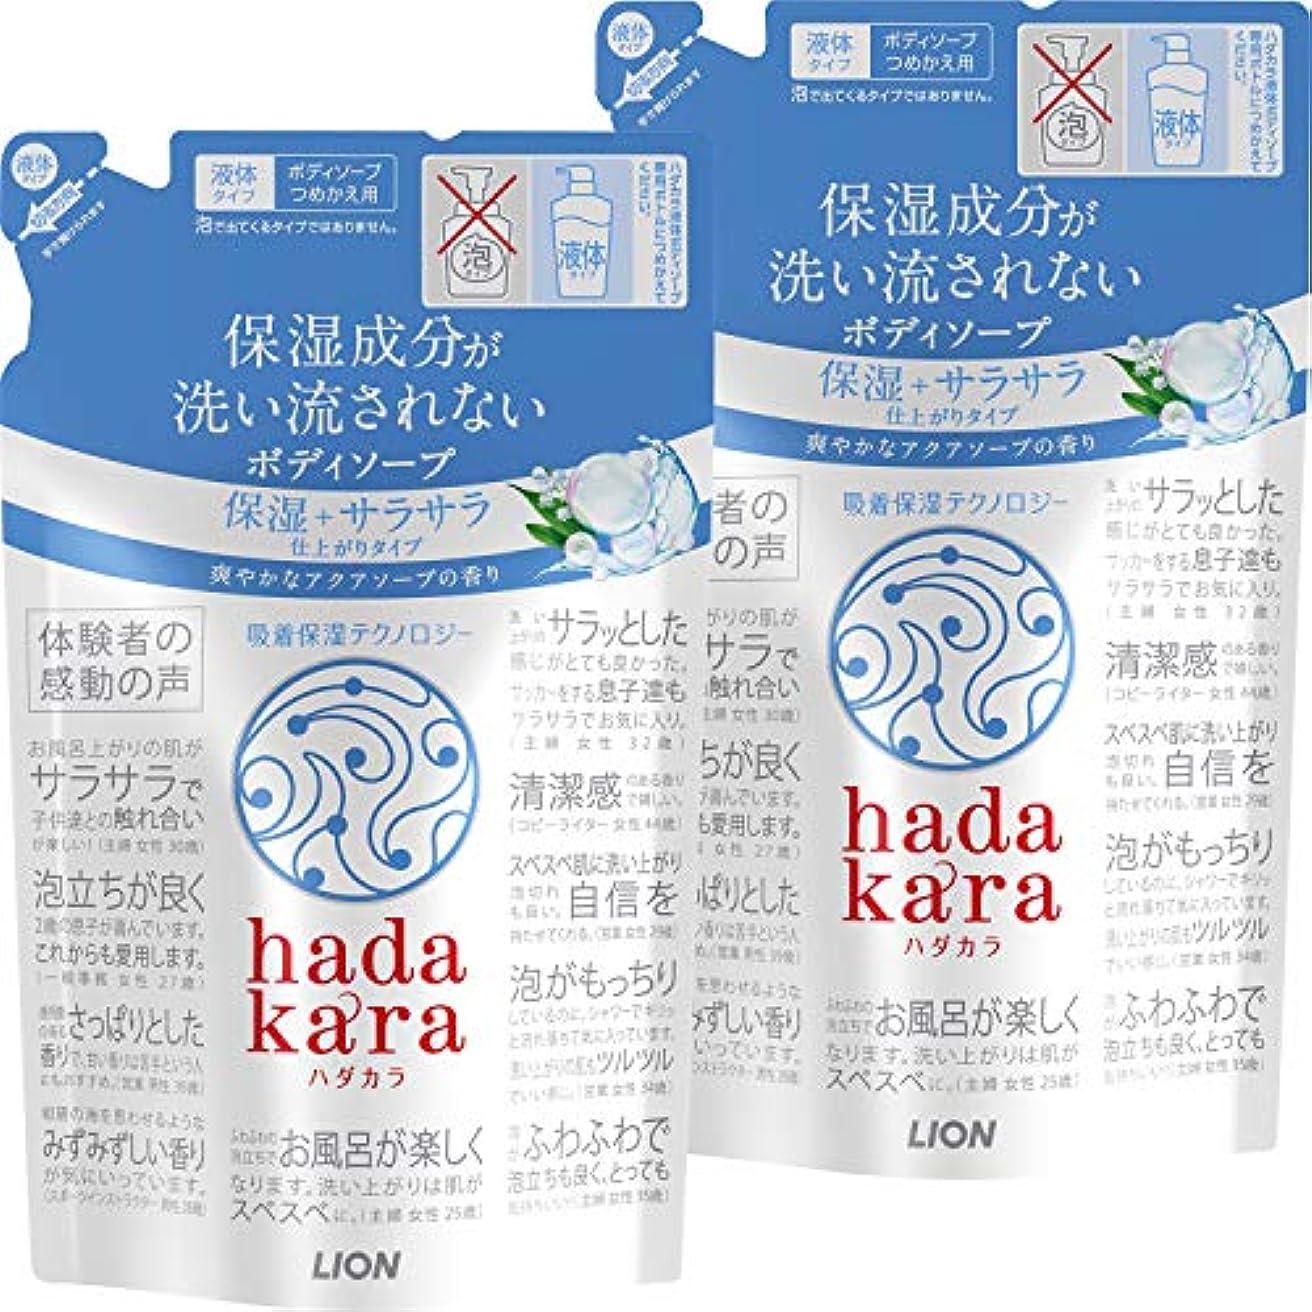 早熟責絶滅した【まとめ買い】hadakara(ハダカラ) ボディソープ 保湿+サラサラ仕上がりタイプ アクアソープの香り 詰め替え 340ml×2個パック